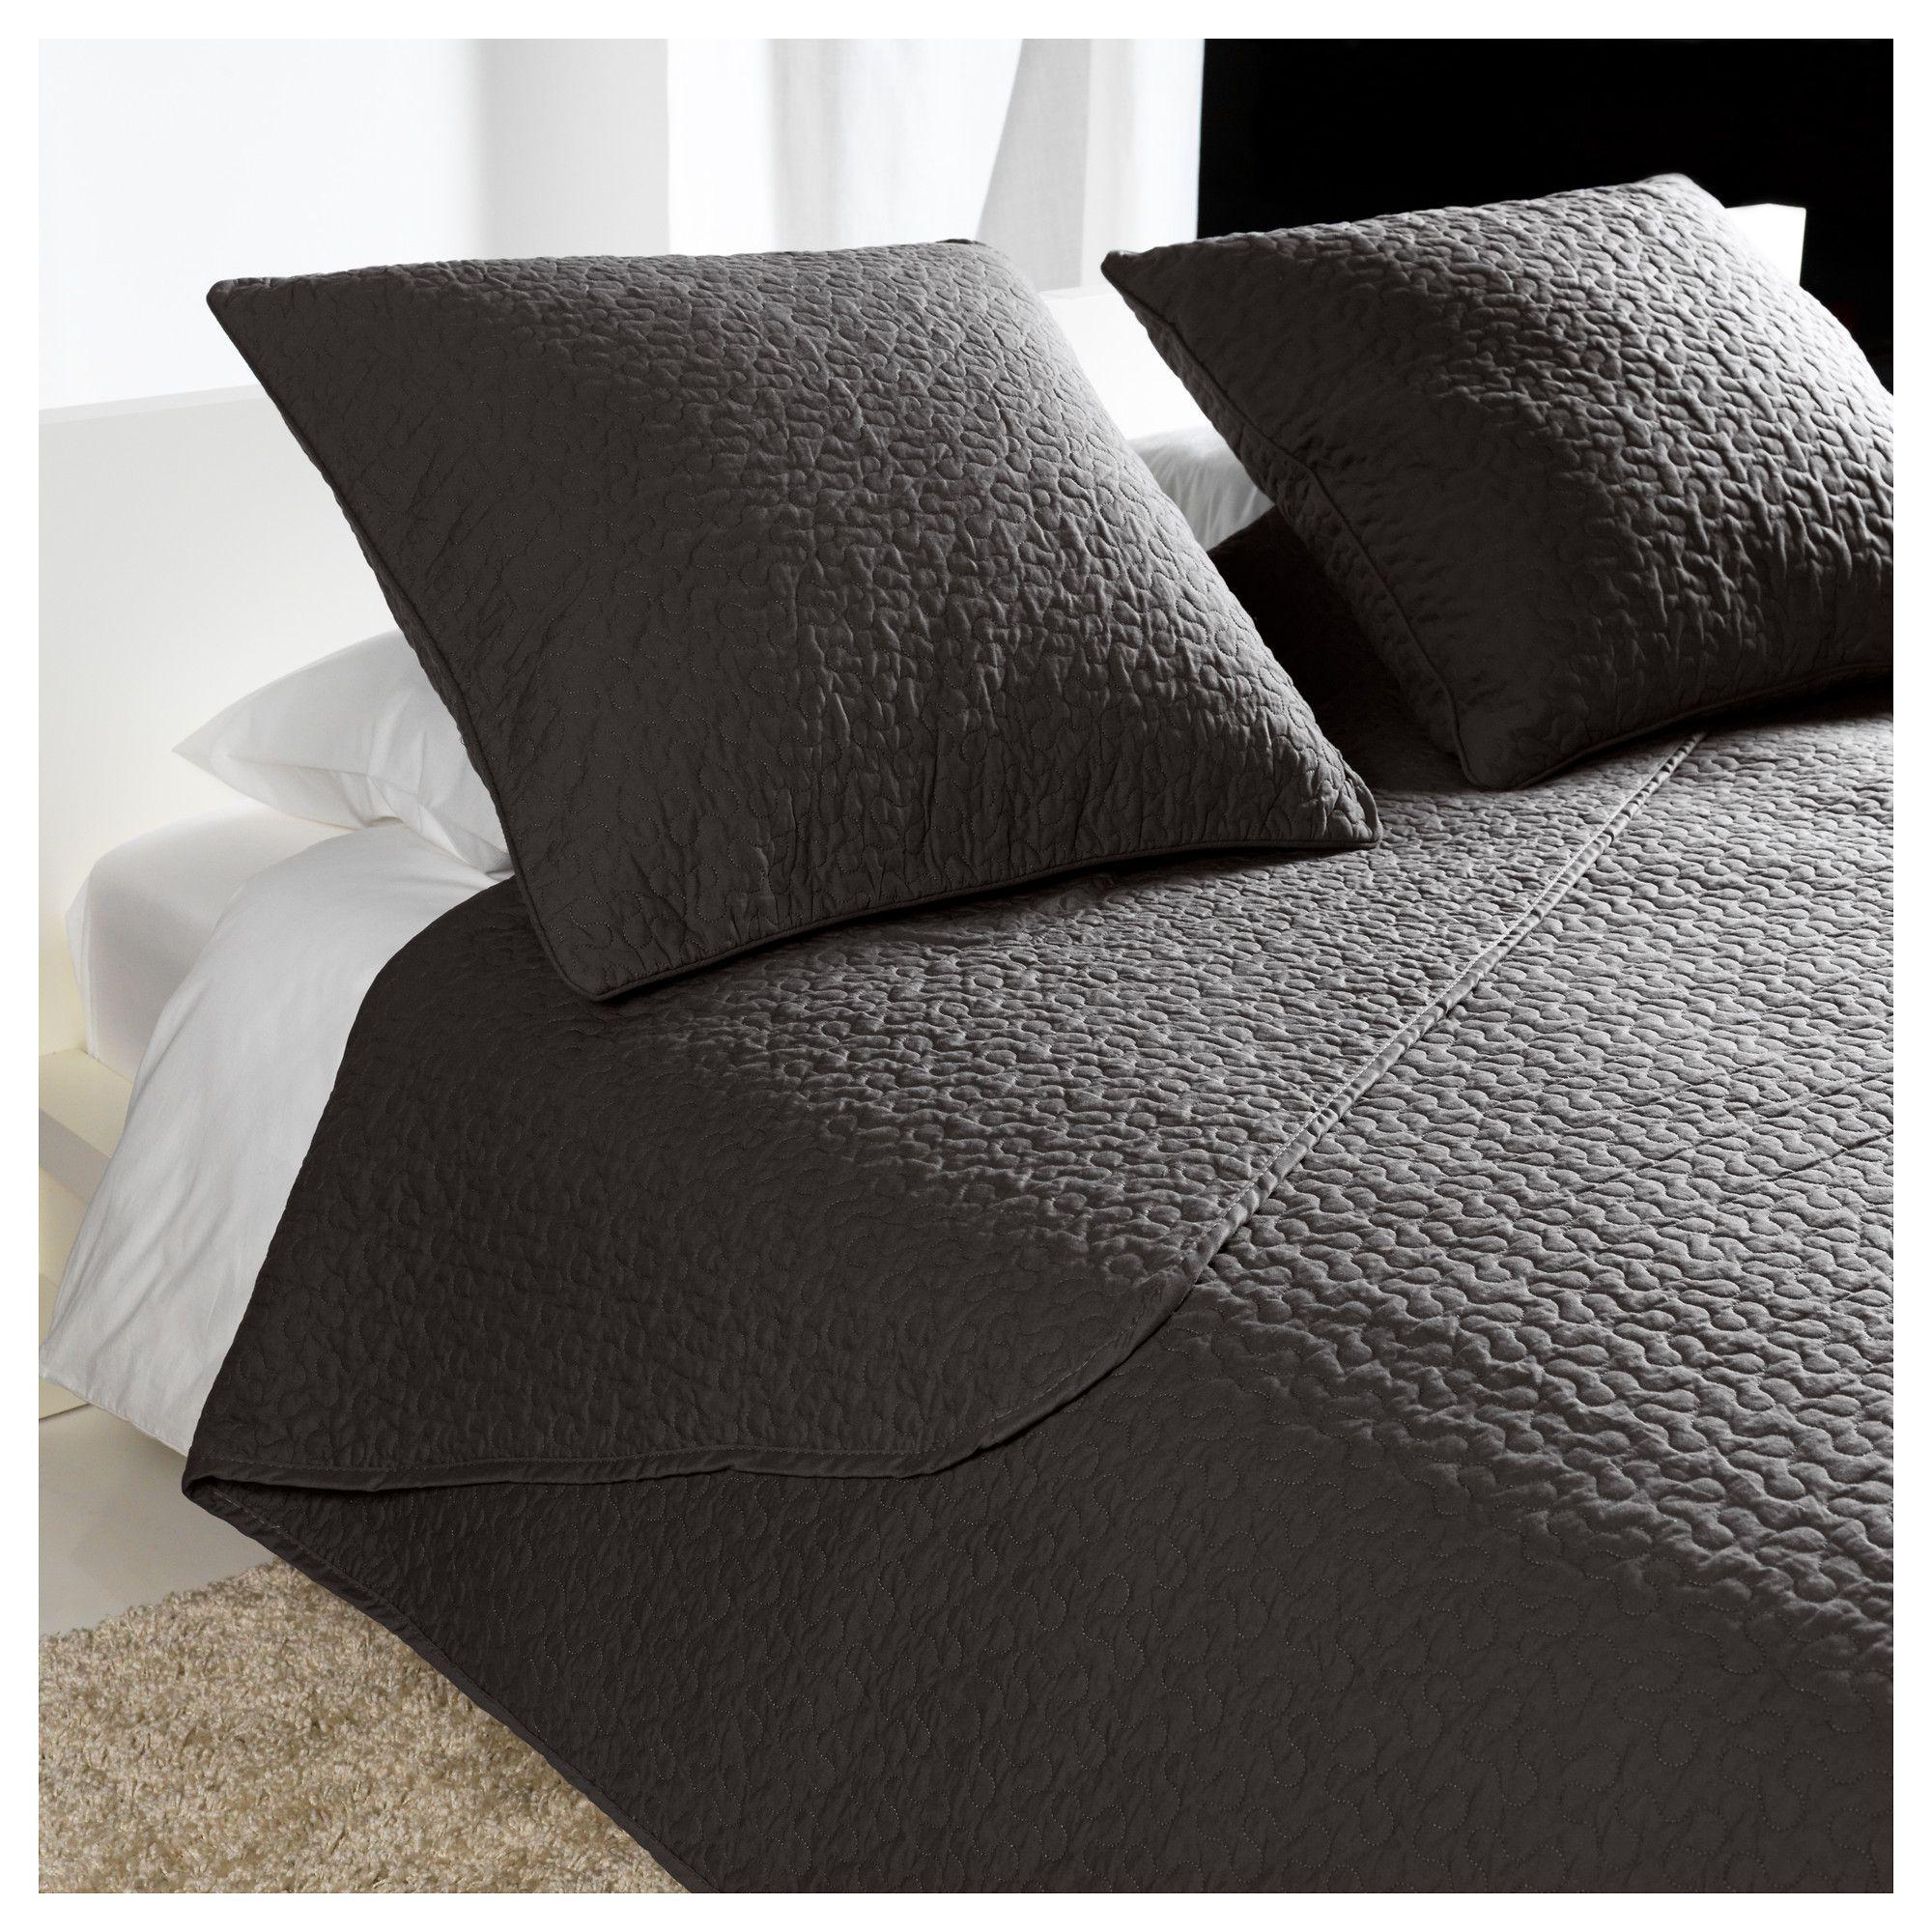 alina couvre lit et 2 housses coussin gris fonc housse. Black Bedroom Furniture Sets. Home Design Ideas